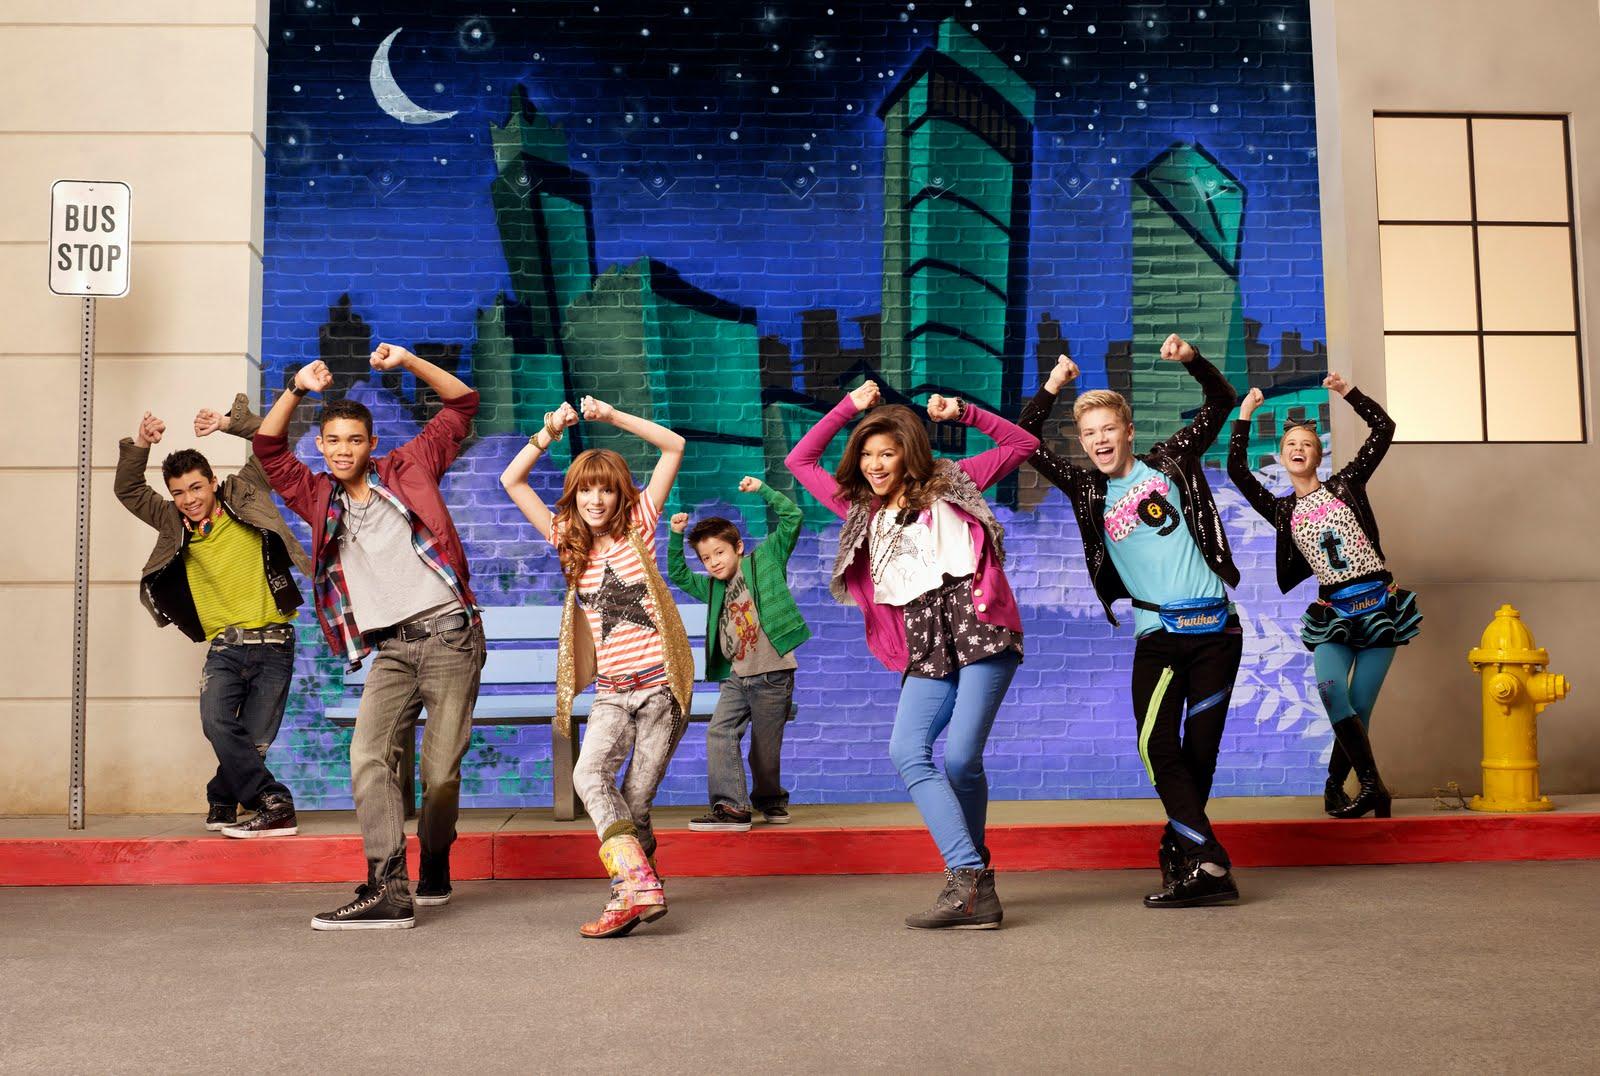 el popular programa de baile adolescente a todo ritmo chicago